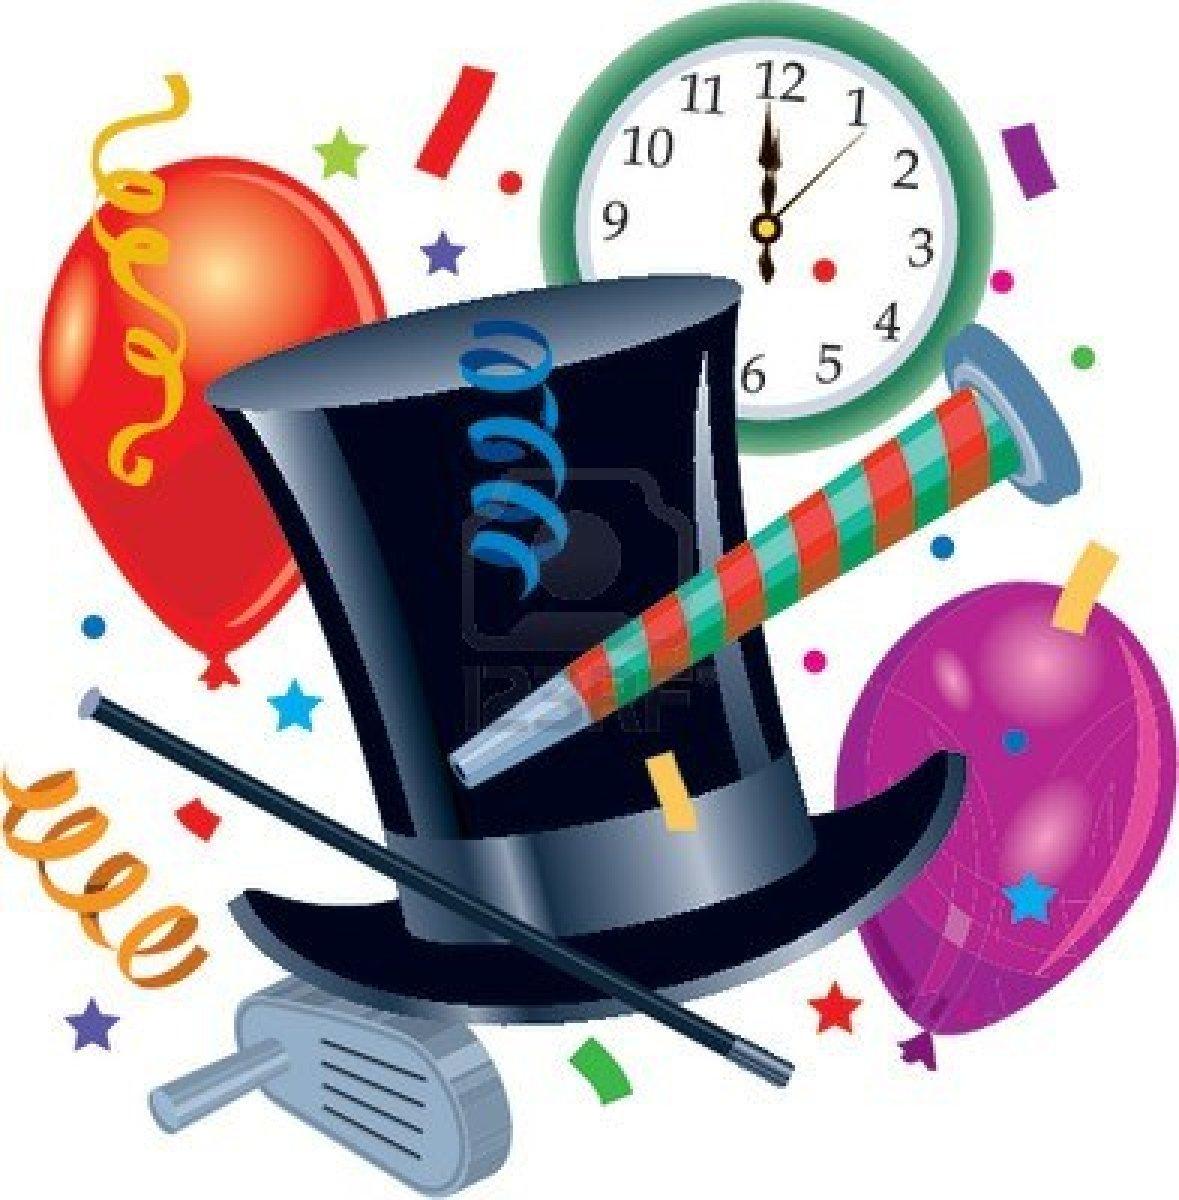 Free new years eve. Clocks clipart nye